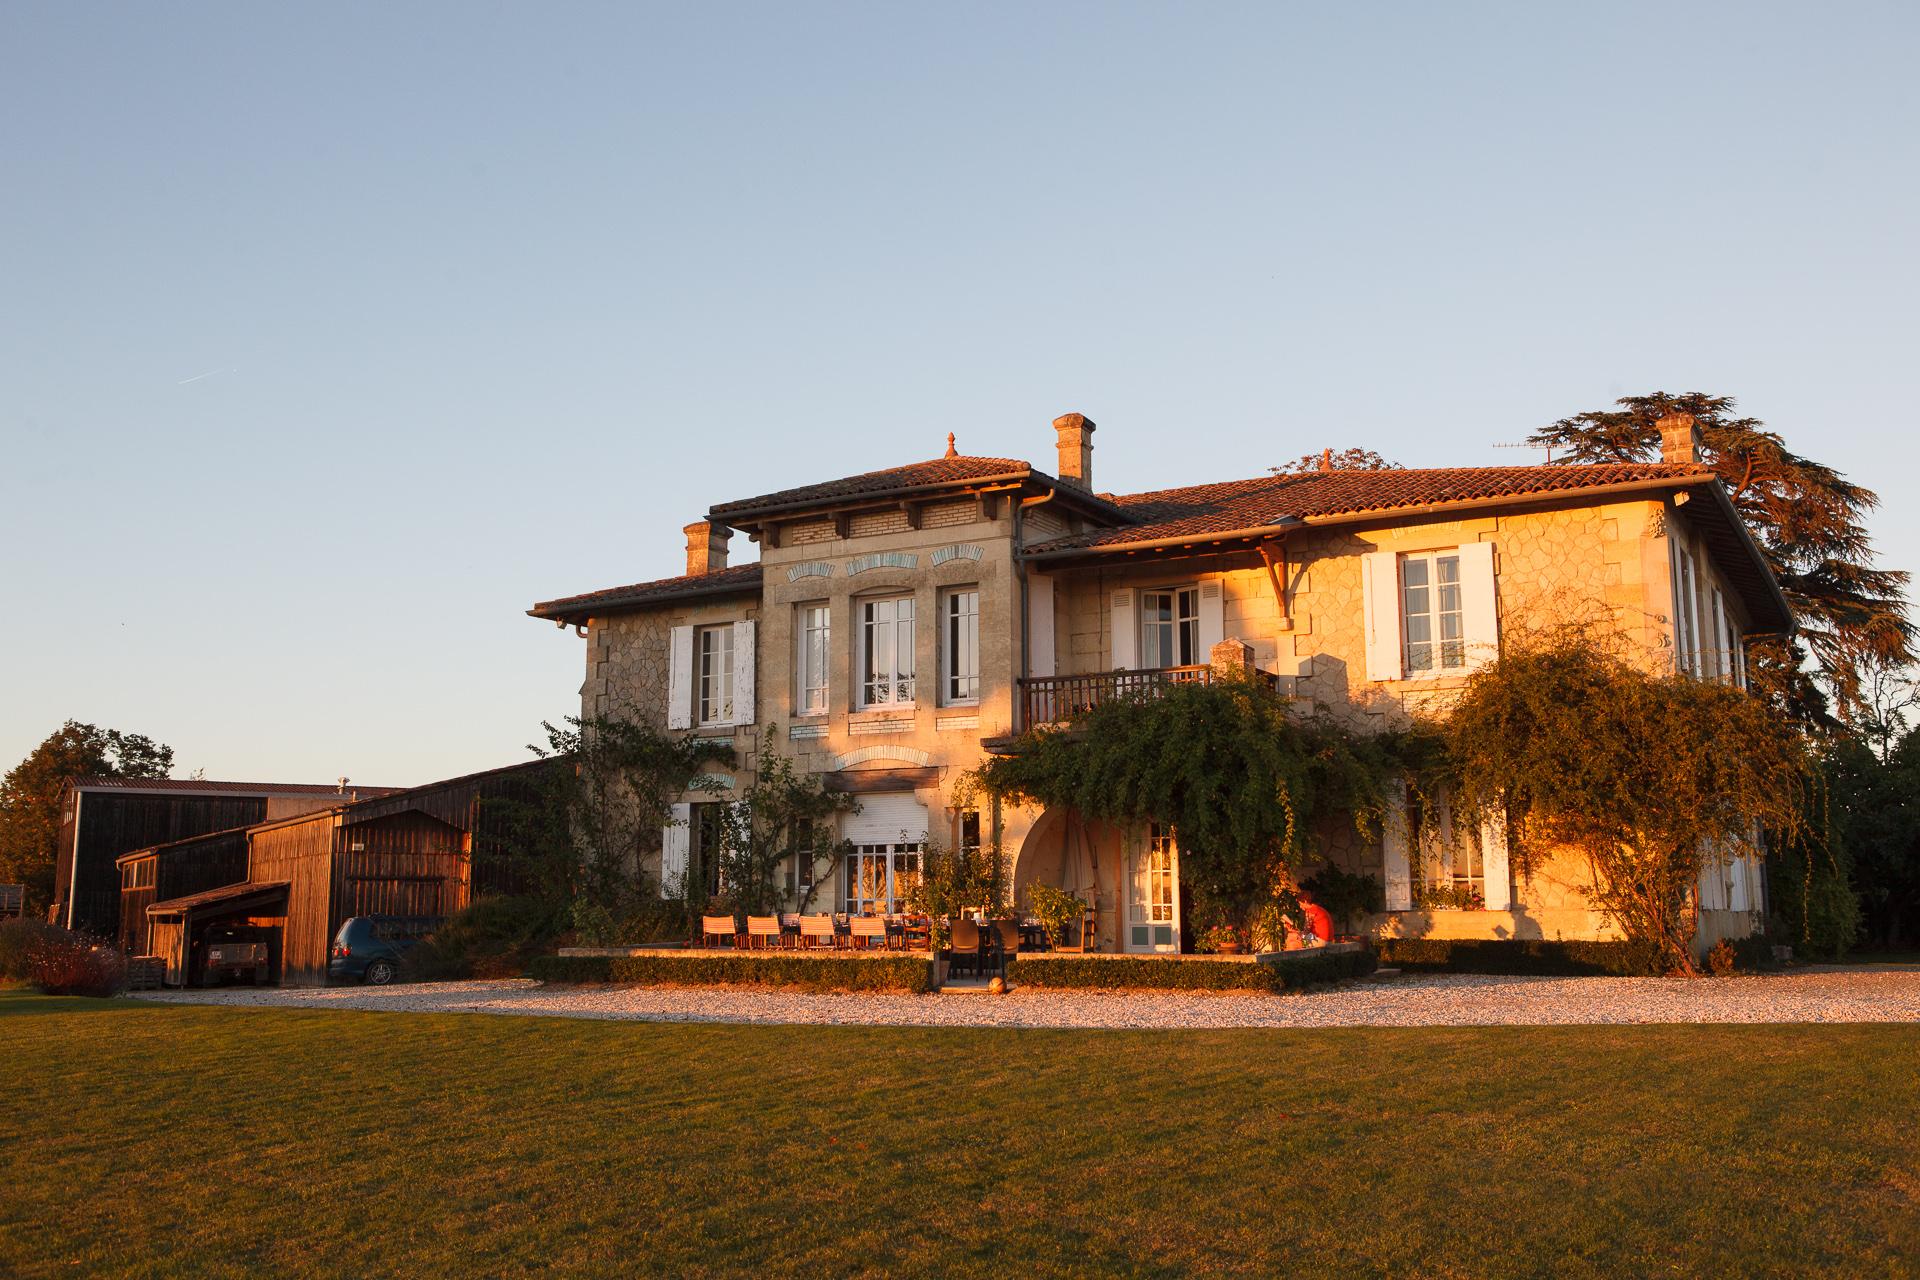 Chateau Carsin